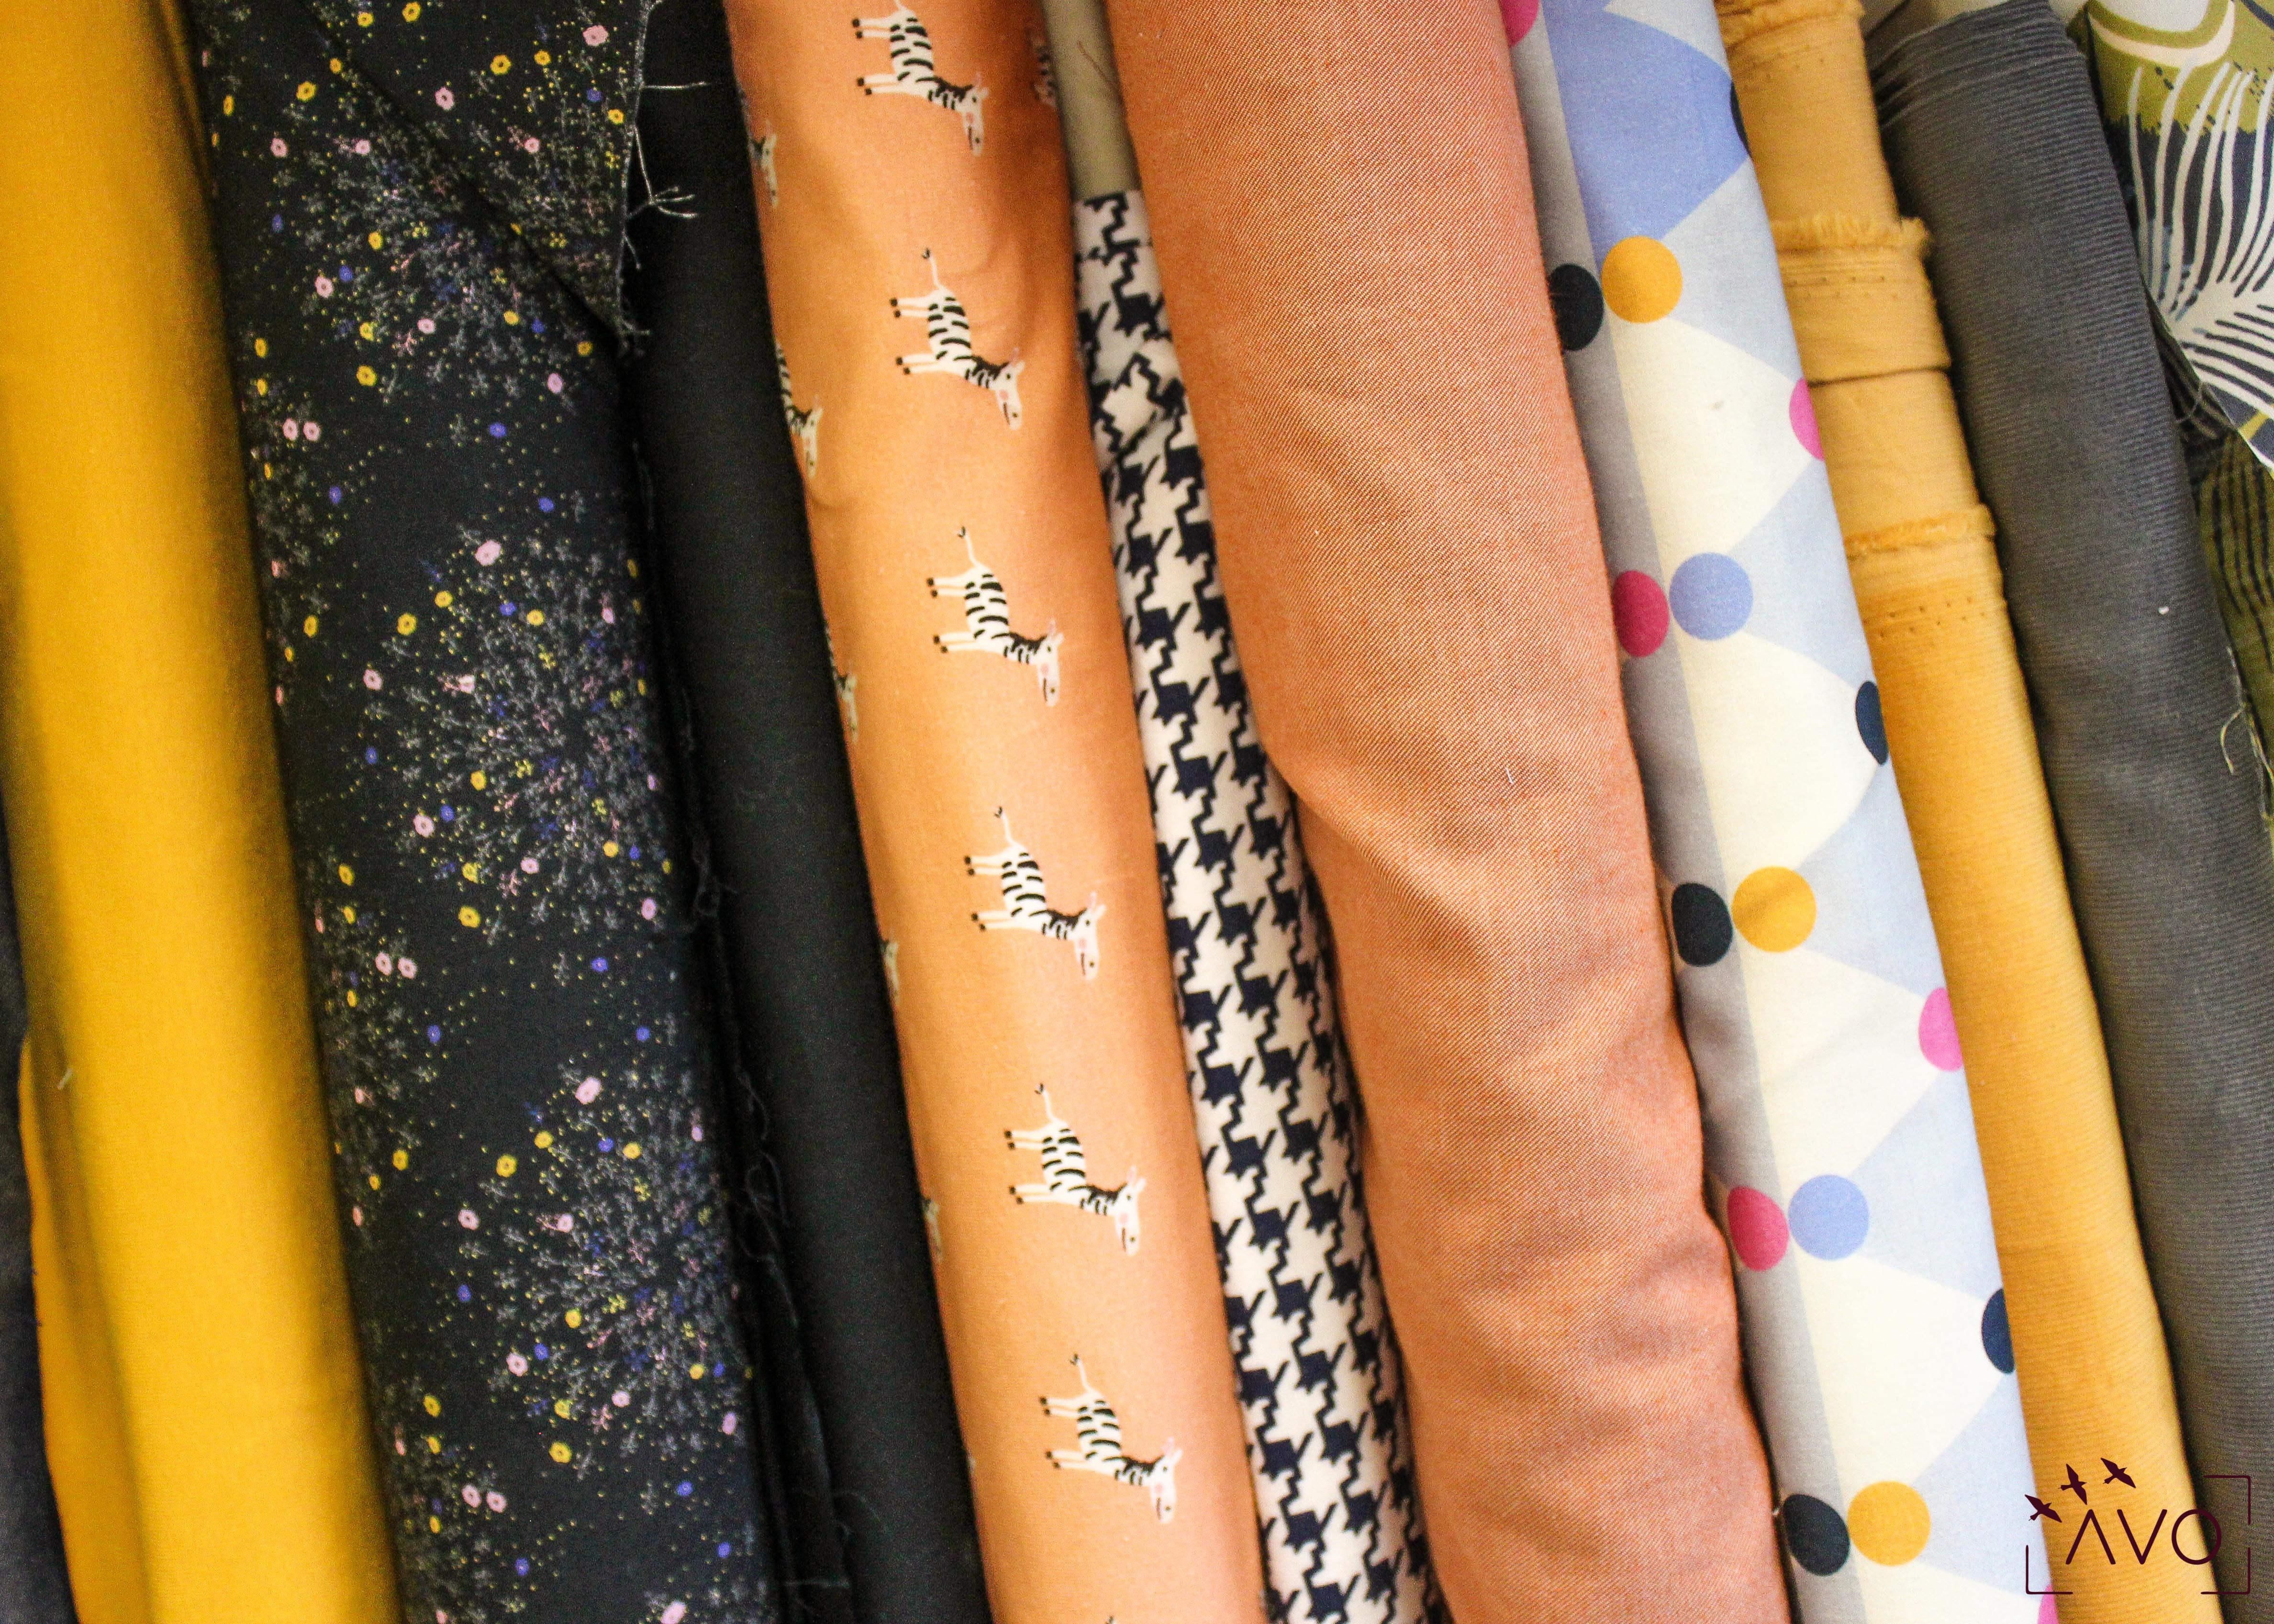 couture tissus écolo fil etik carré motifs moderne tissu bio